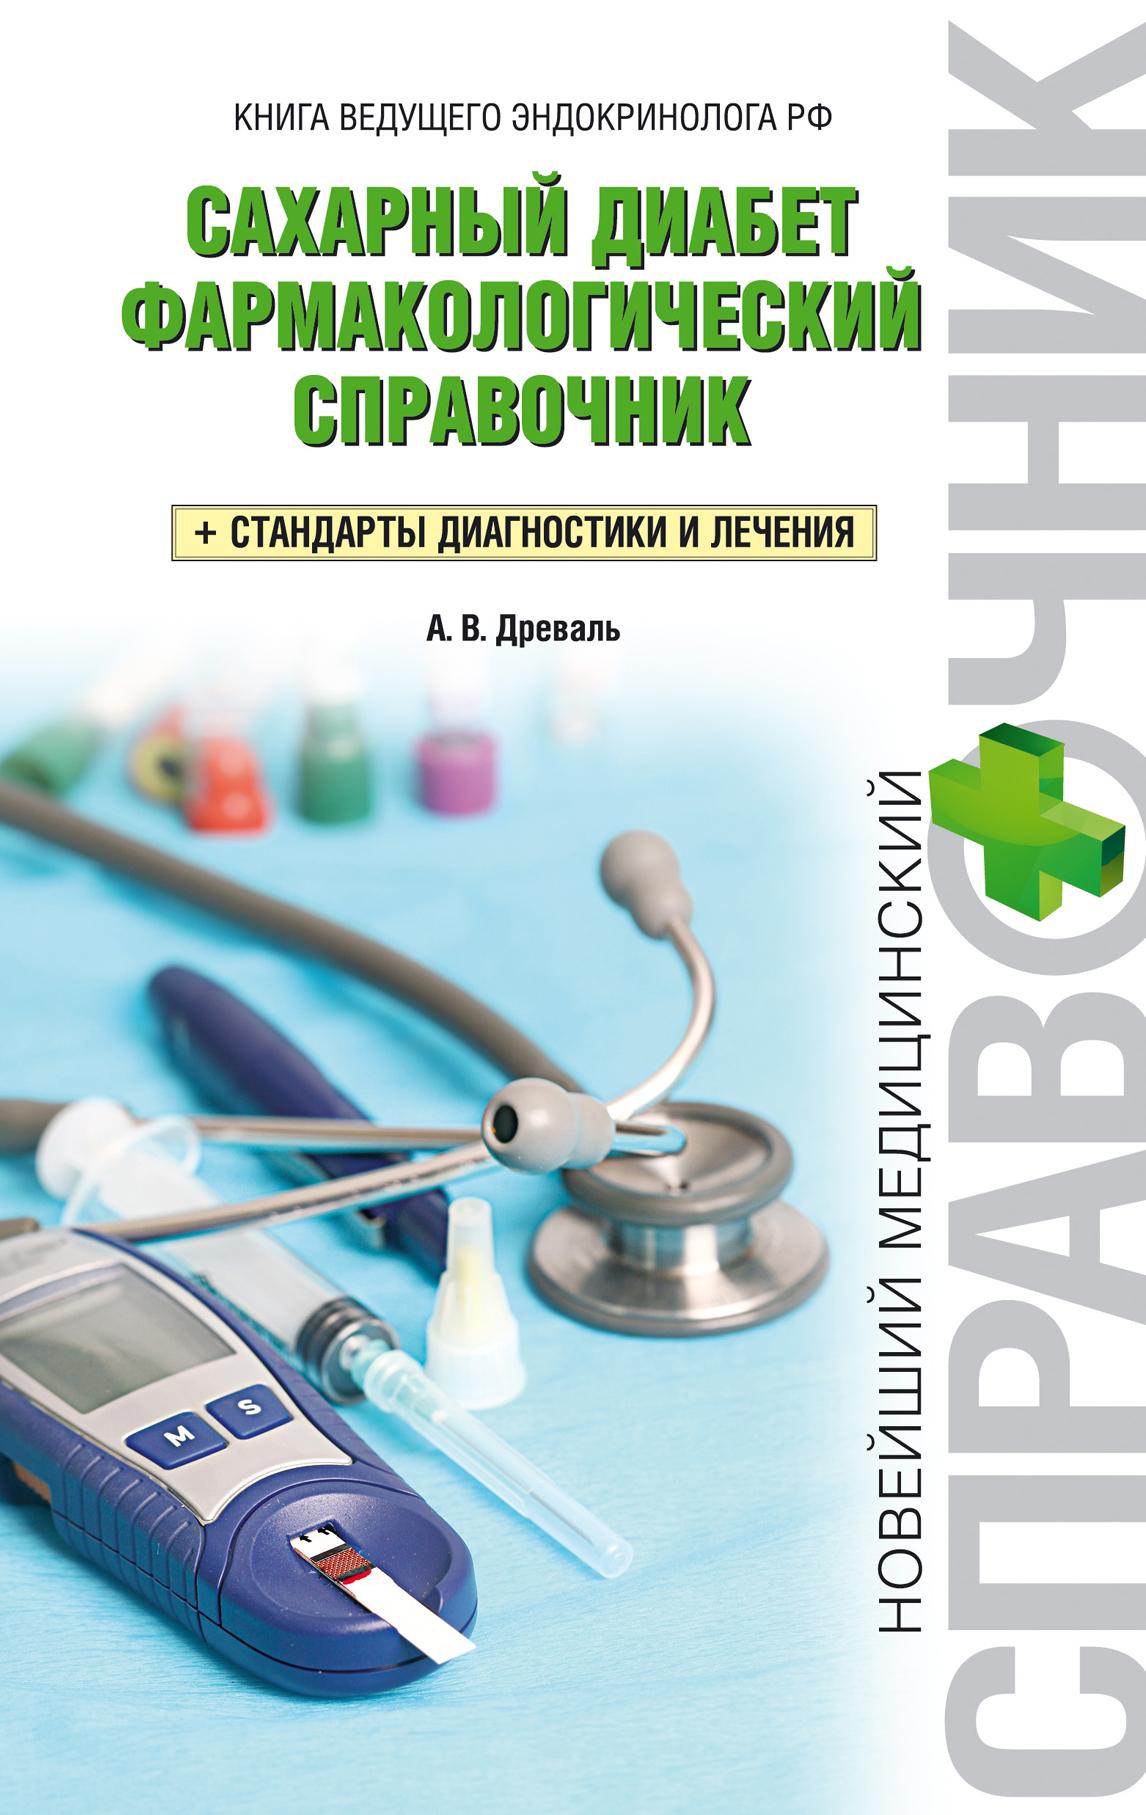 Сахарный диабет: фармакологический справочник